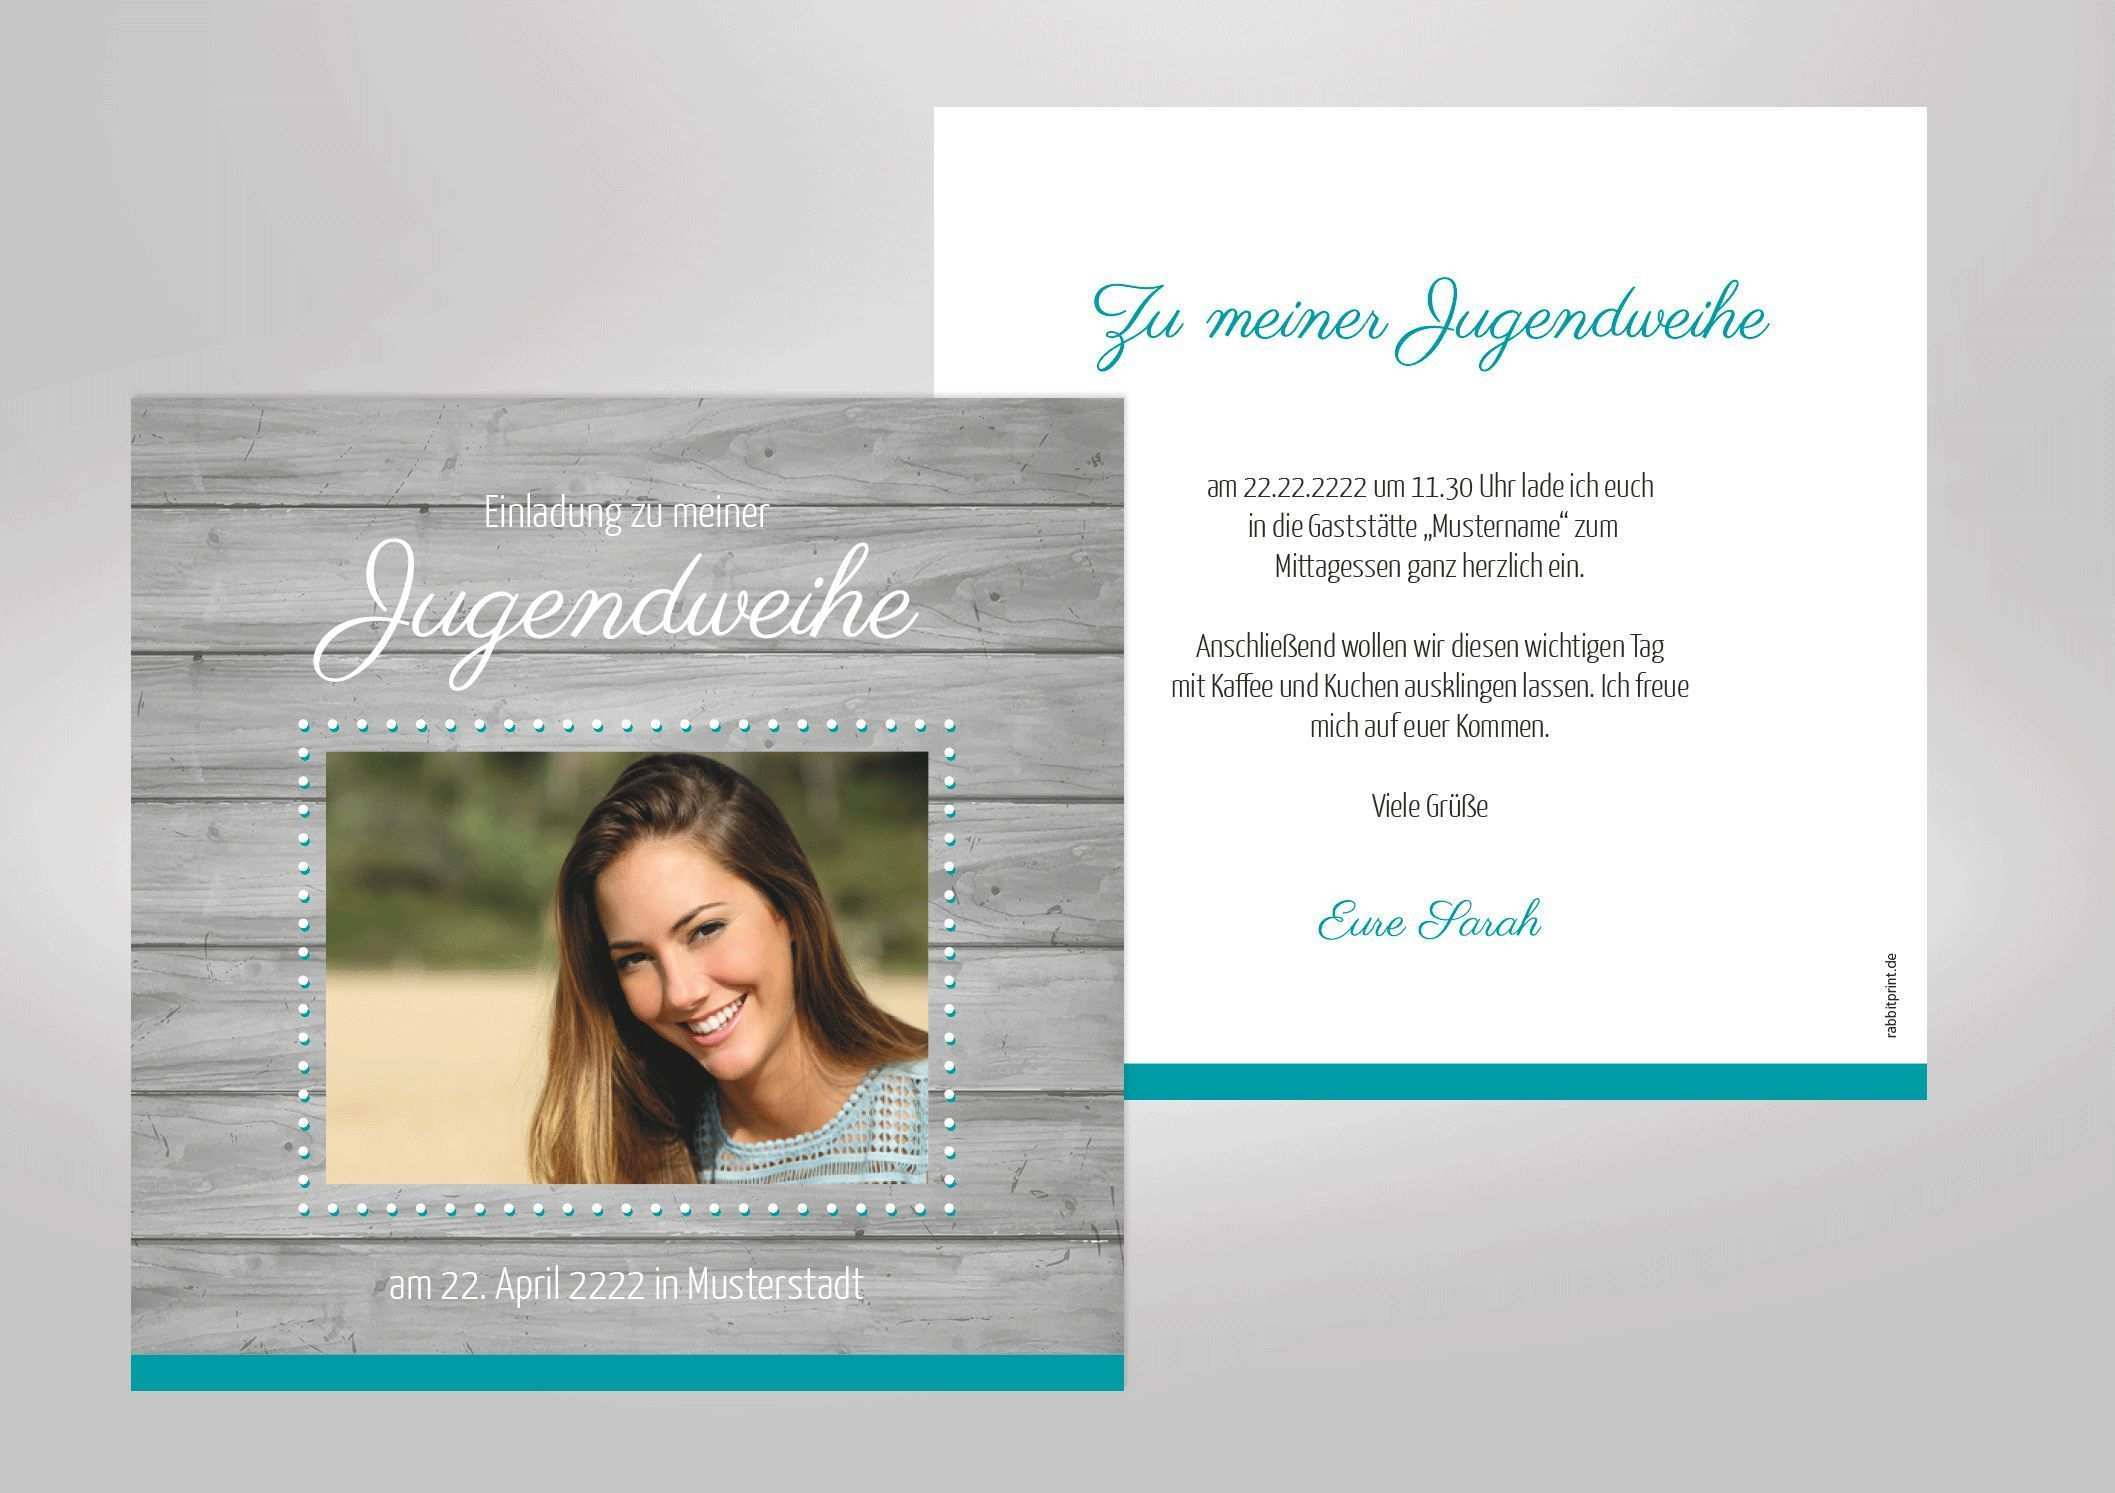 Einladungskarten Jugendweihe Selbst Gestalten Jugendweihe Einladungskarten Einladung Gestalten Einladungskarten Online